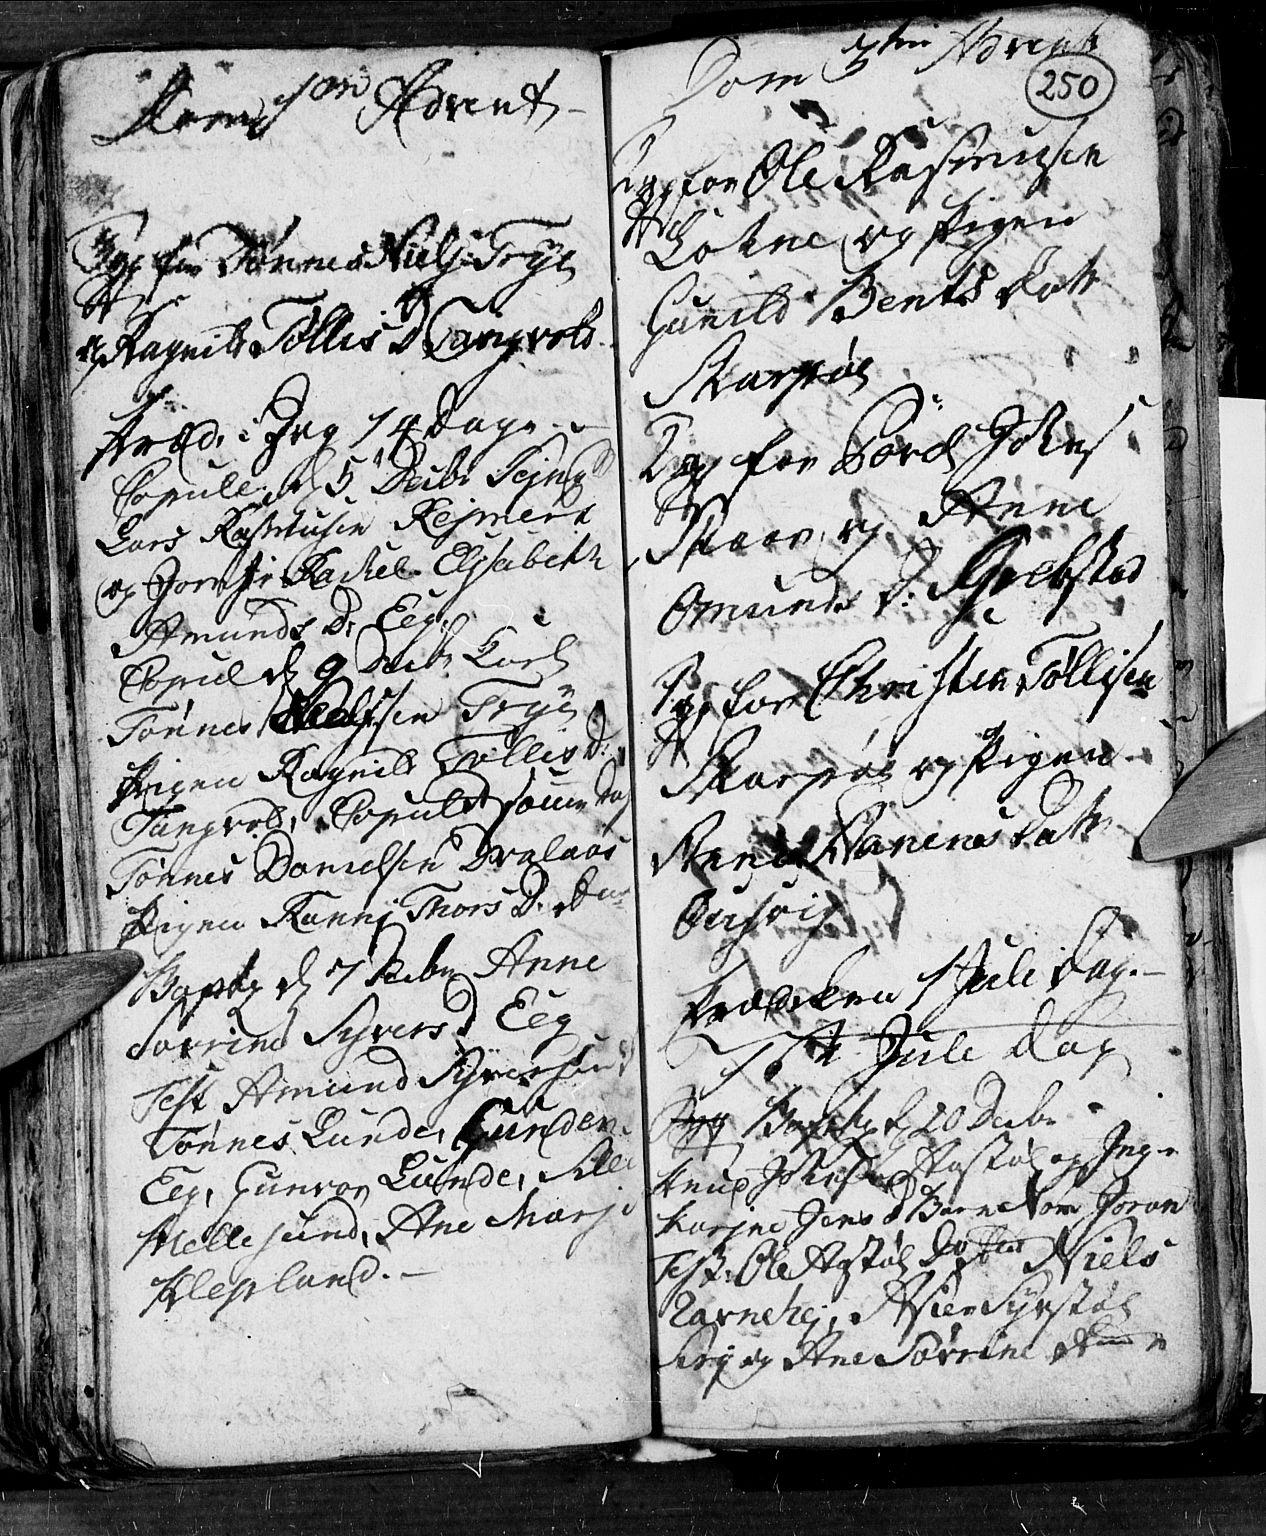 SAK, Søgne sokneprestkontor, F/Fb/Fbb/L0001: Klokkerbok nr. B 1, 1779-1802, s. 250